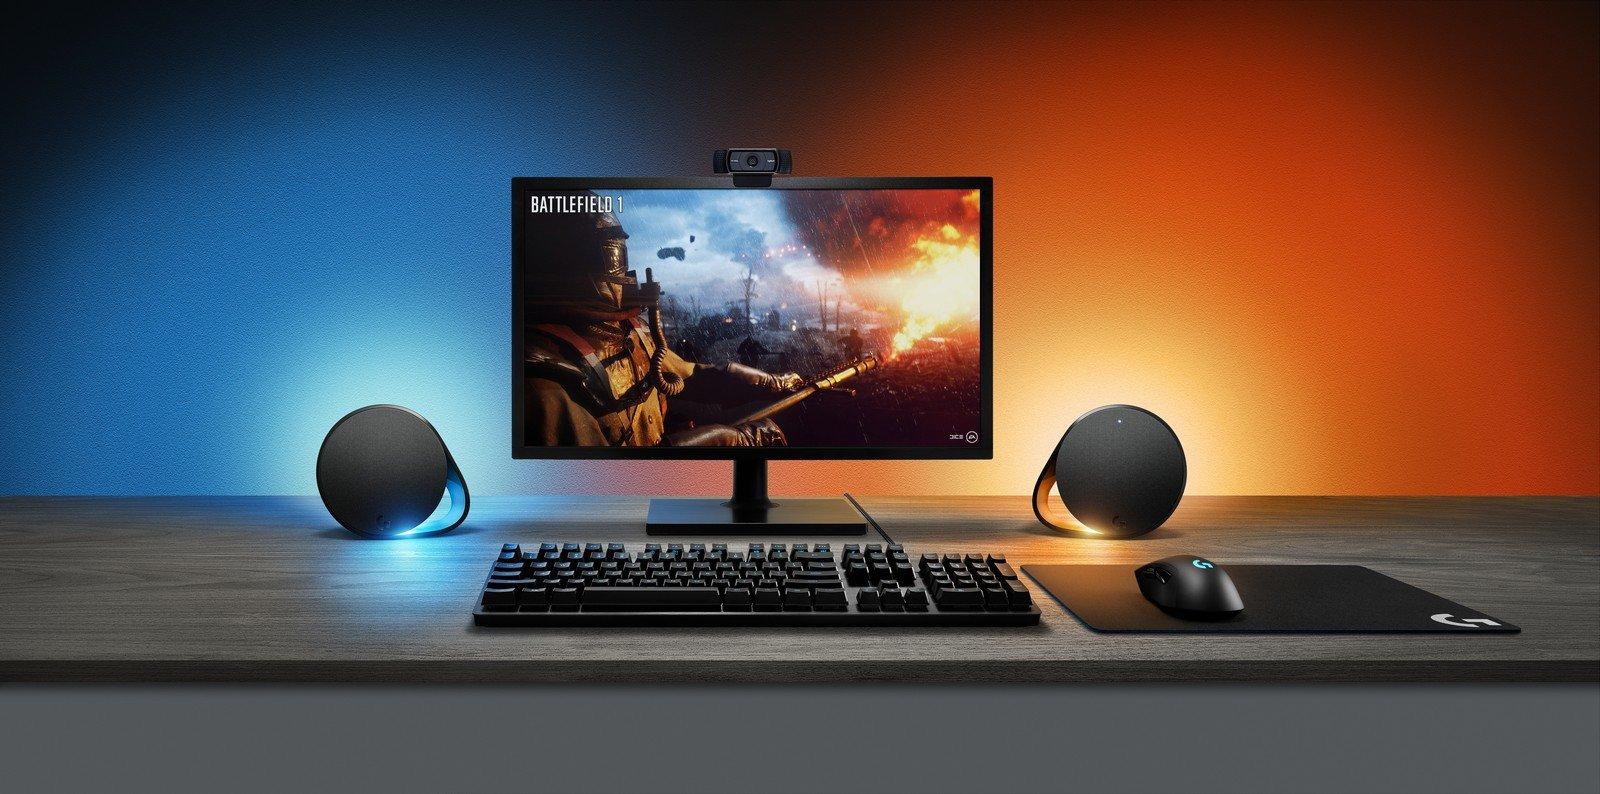 Игровые колонки и клавиатура Logitech меняют подсветку синхронно с картинкой на мониторе